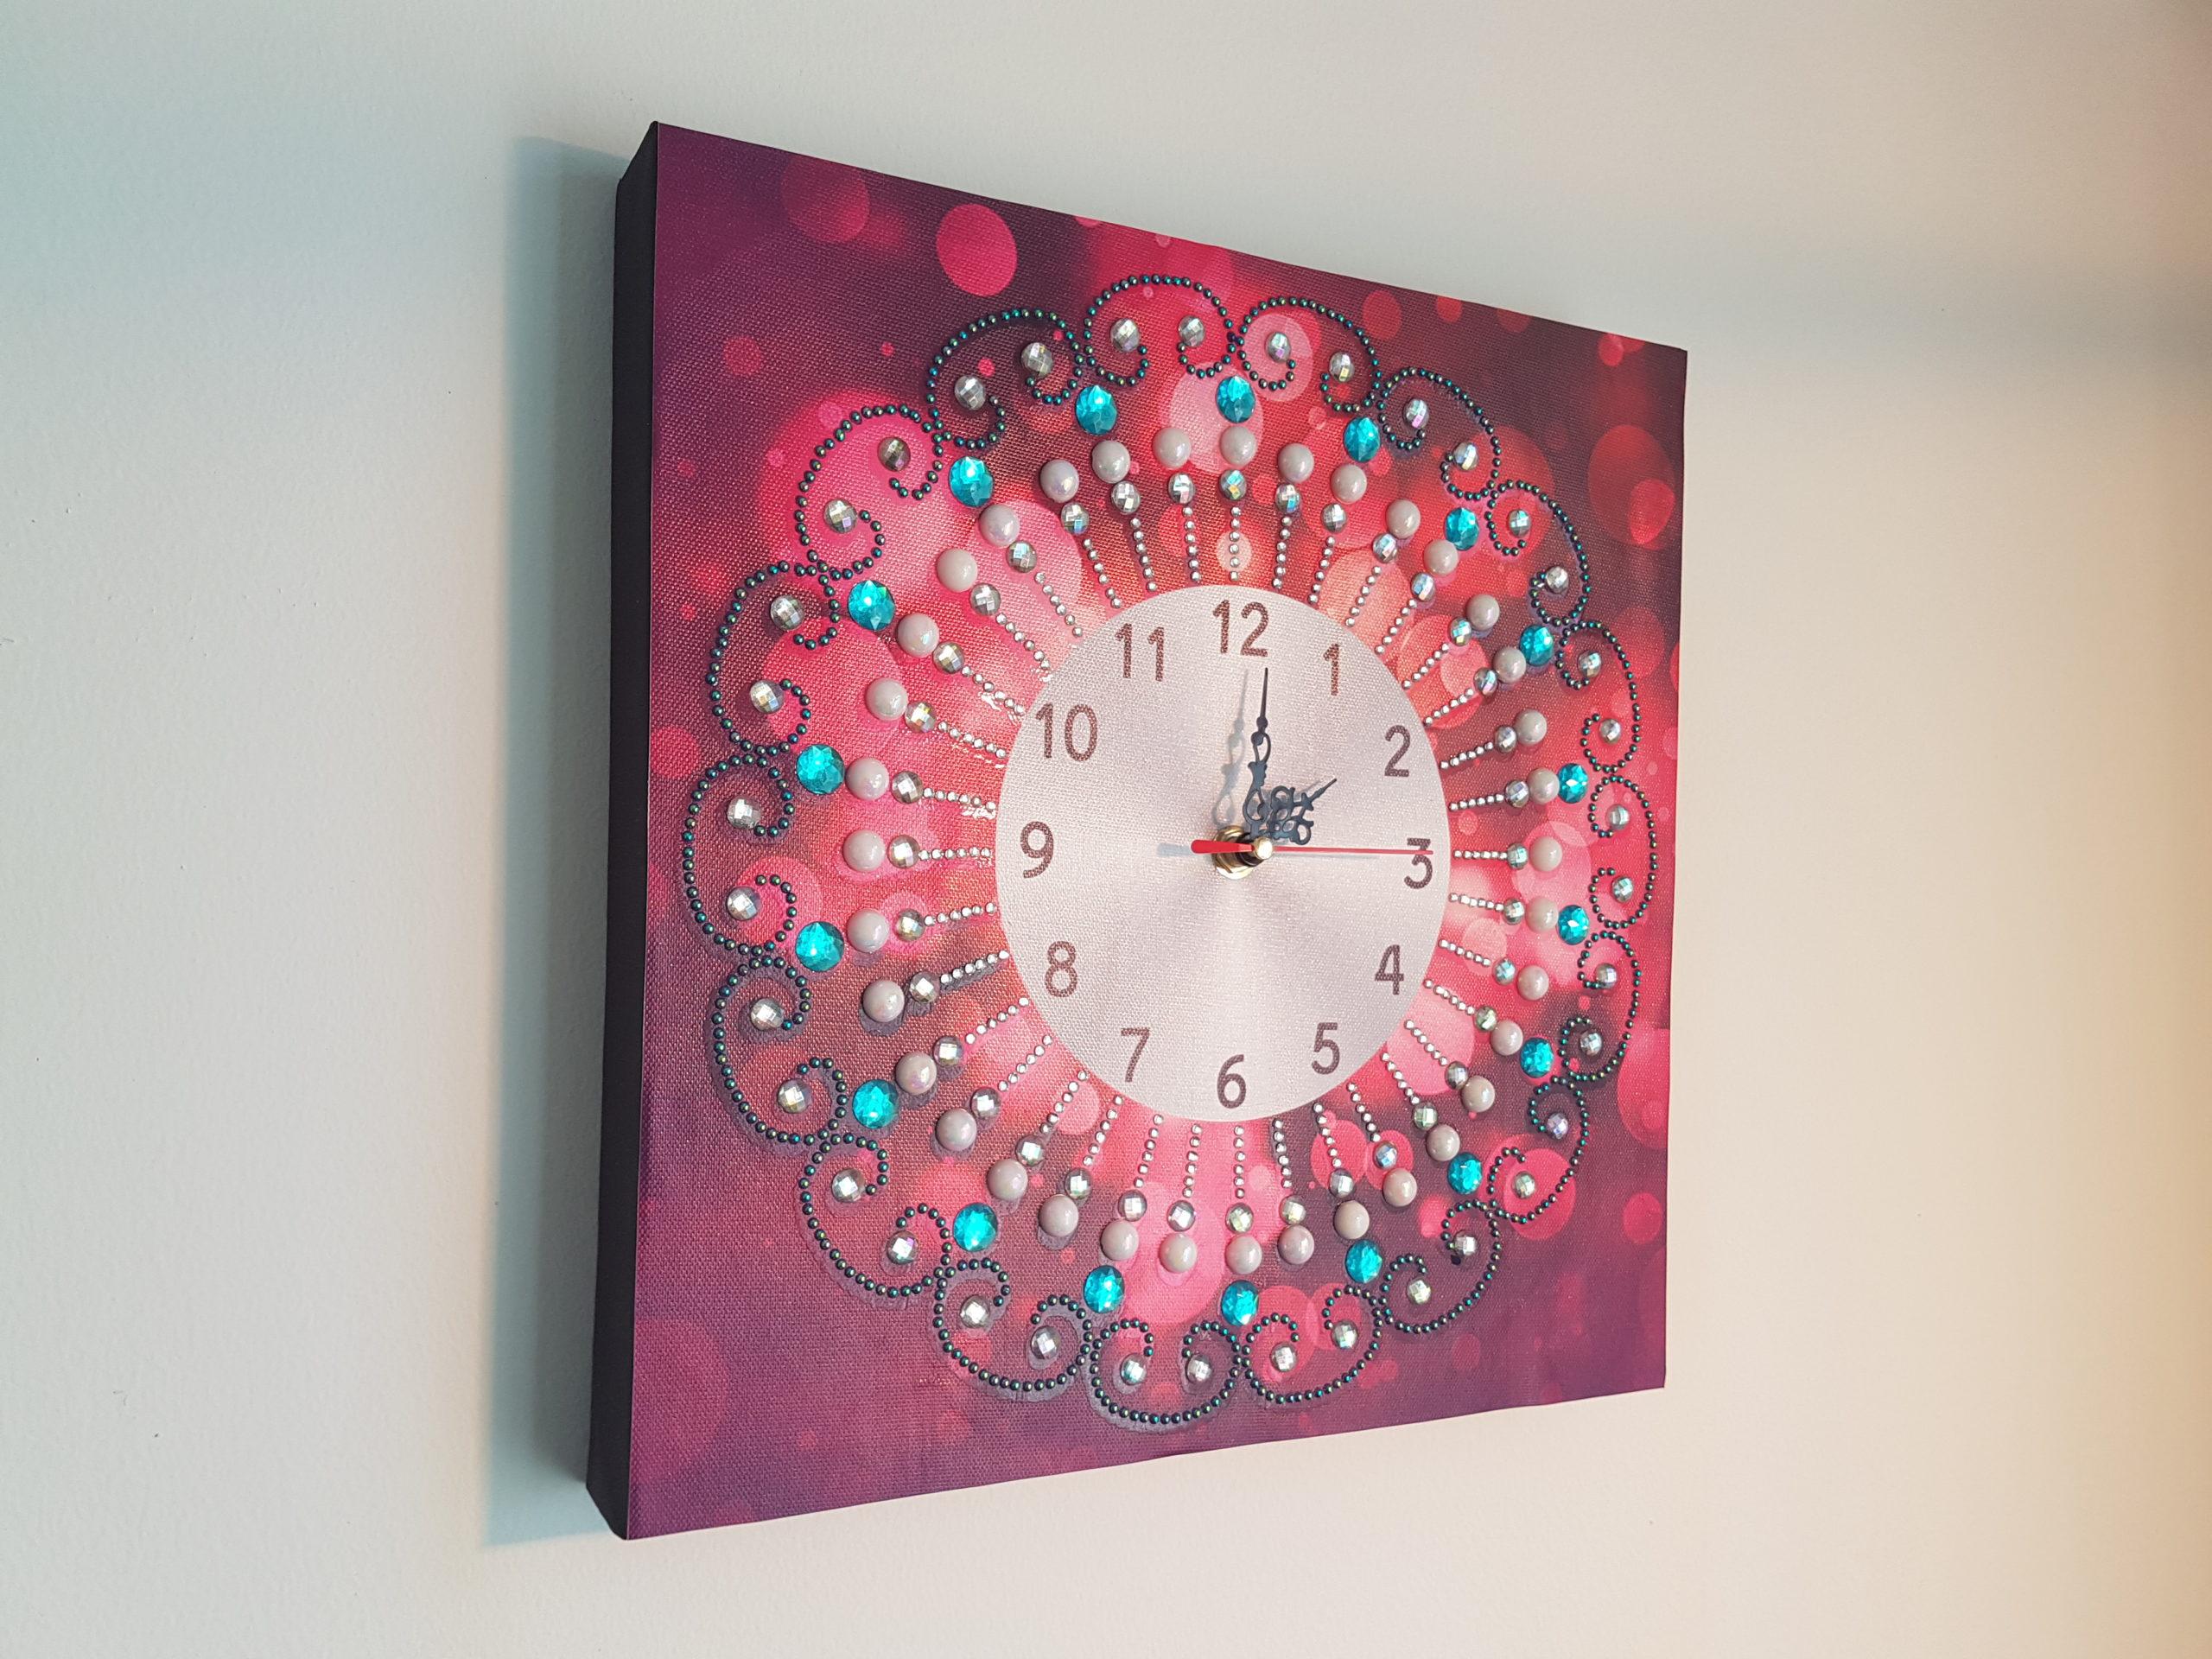 Sådan monterer du dit diamond paint-ur og hænger det op